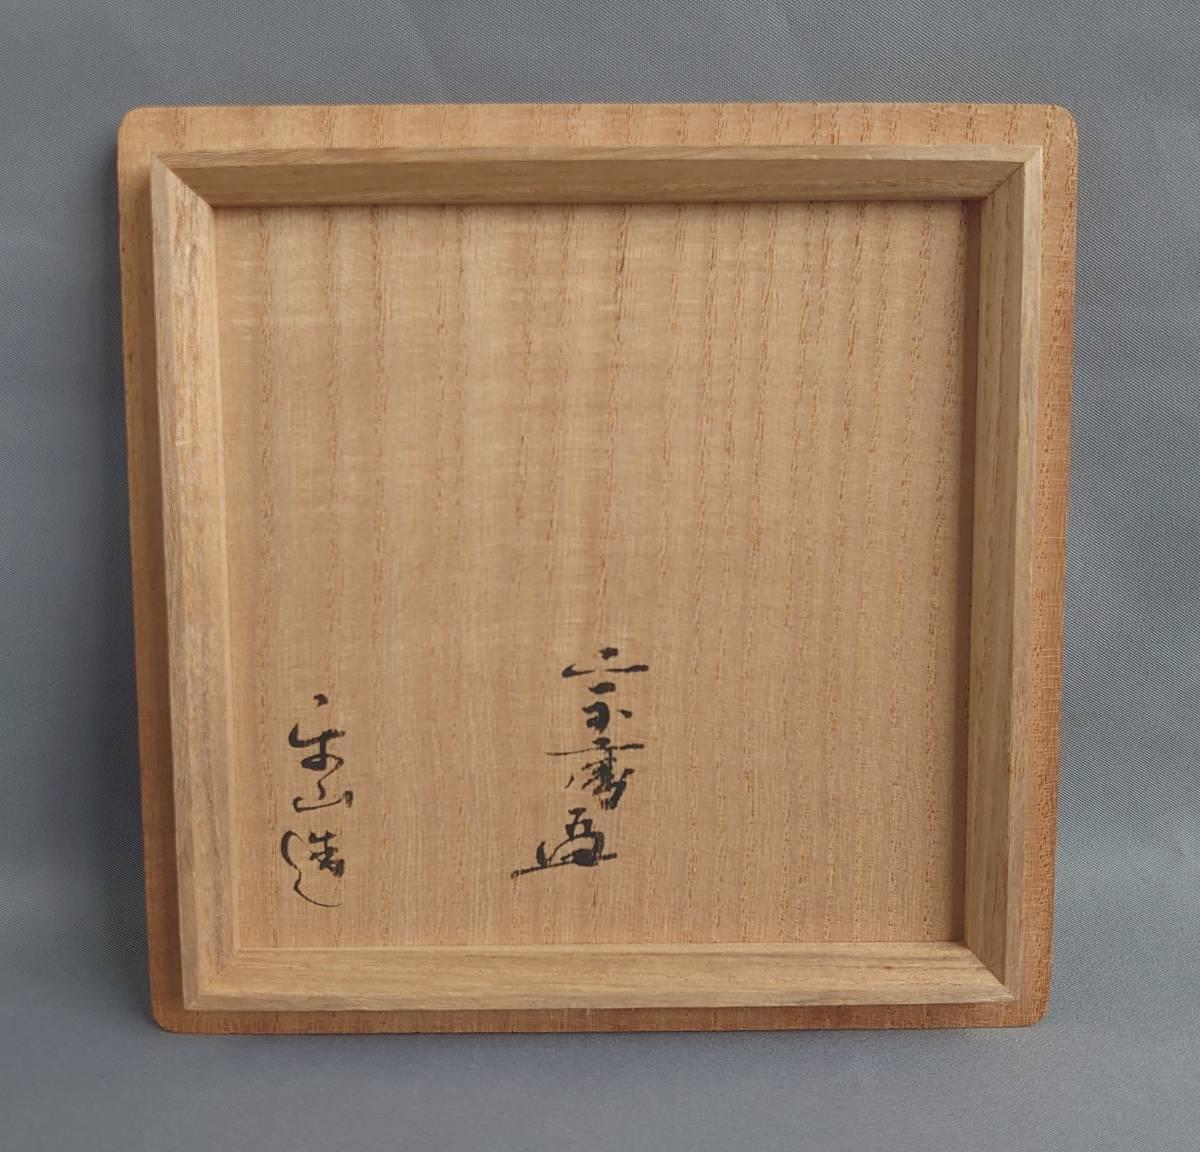 清水楽山 高取 切形茶碗 -遠州流茶道宗家12世 小堀宗慶の書付 清水日呂志の極箱-